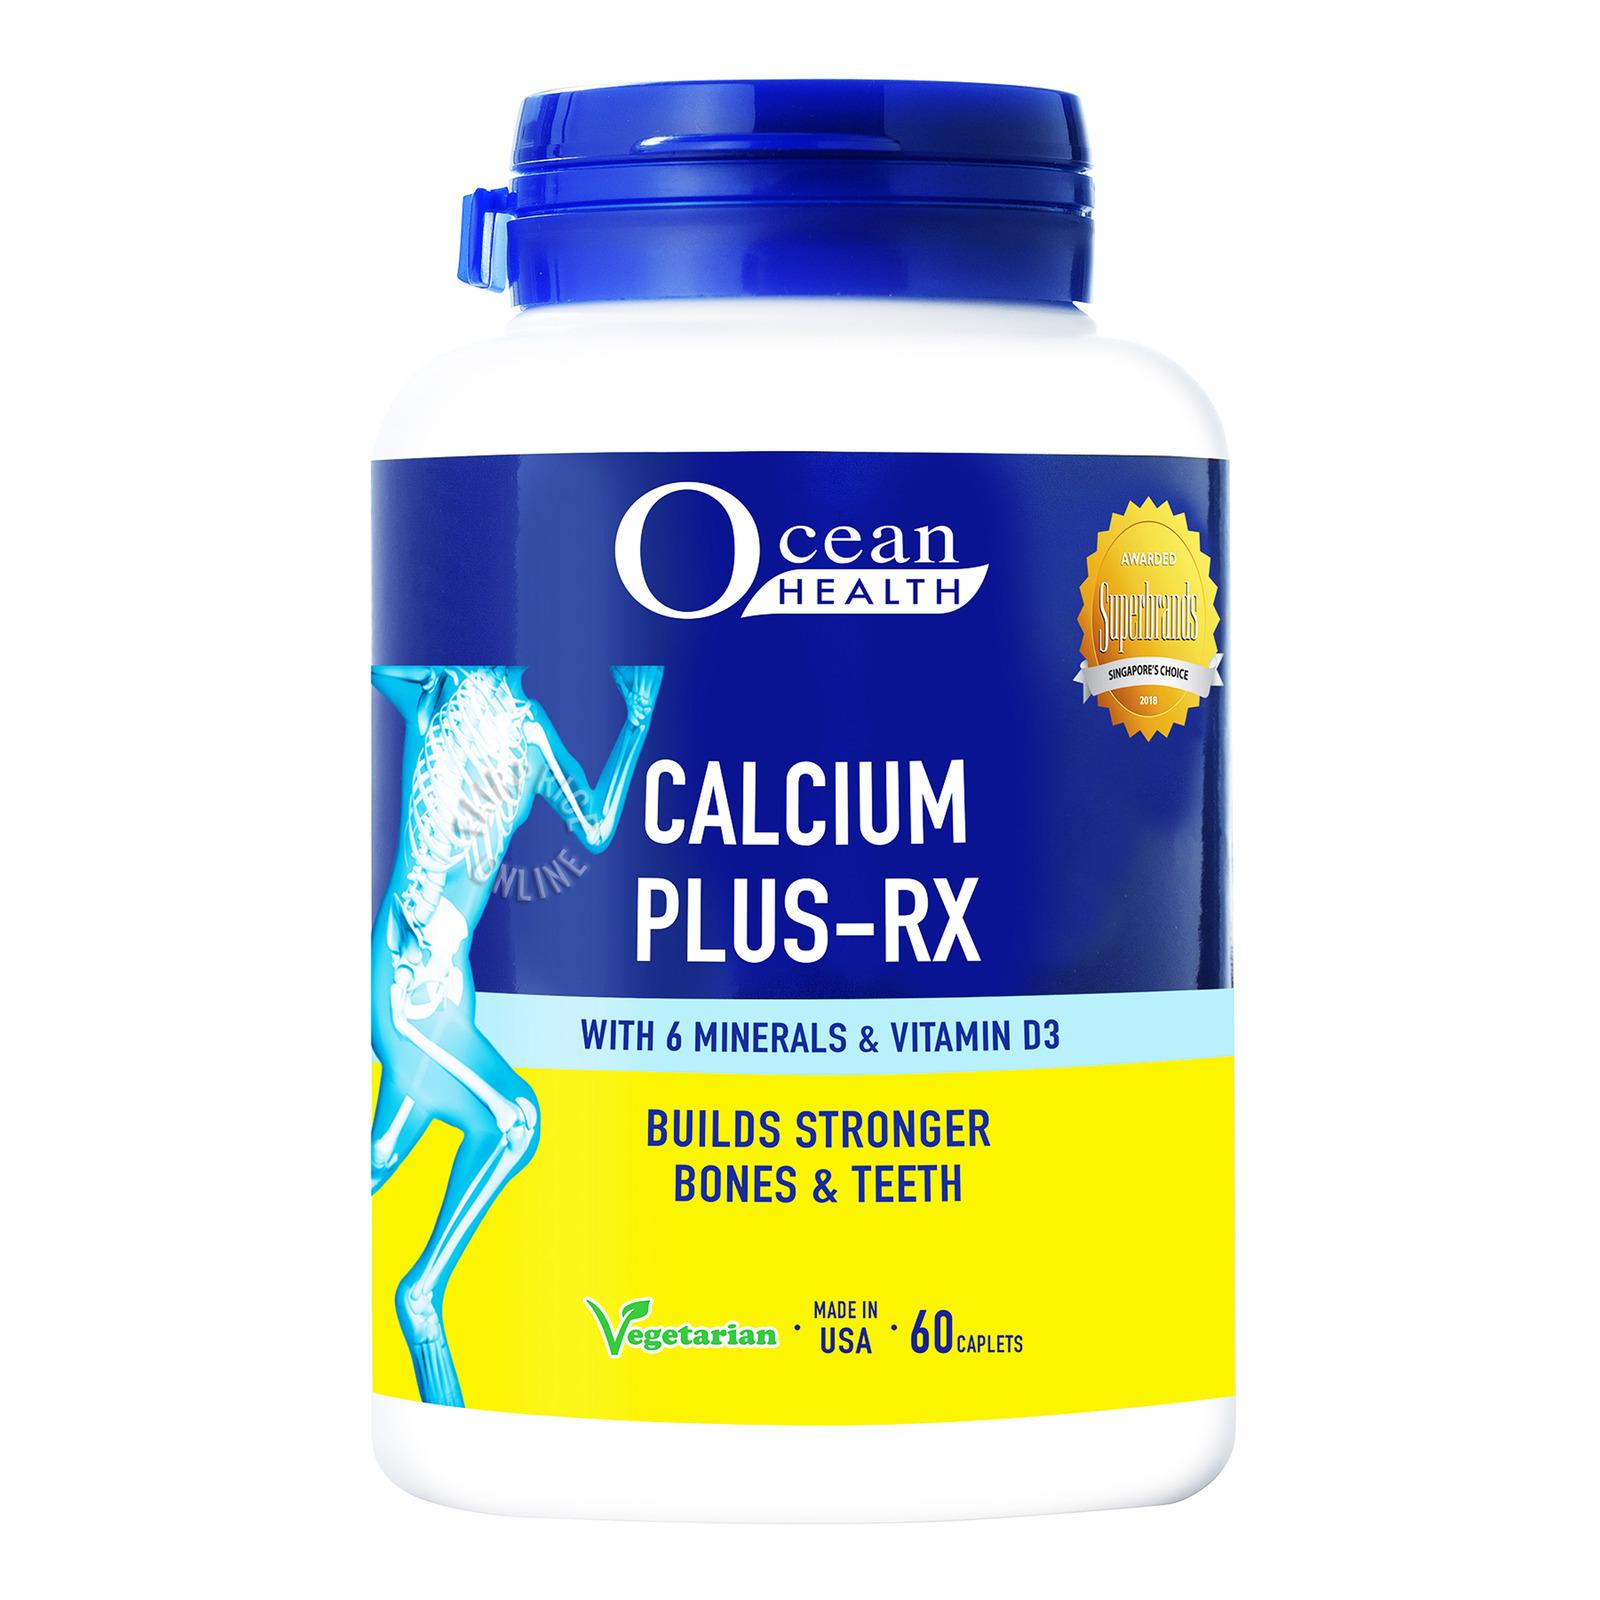 Ocean Health Calcium Plus-RX, 60 caplets